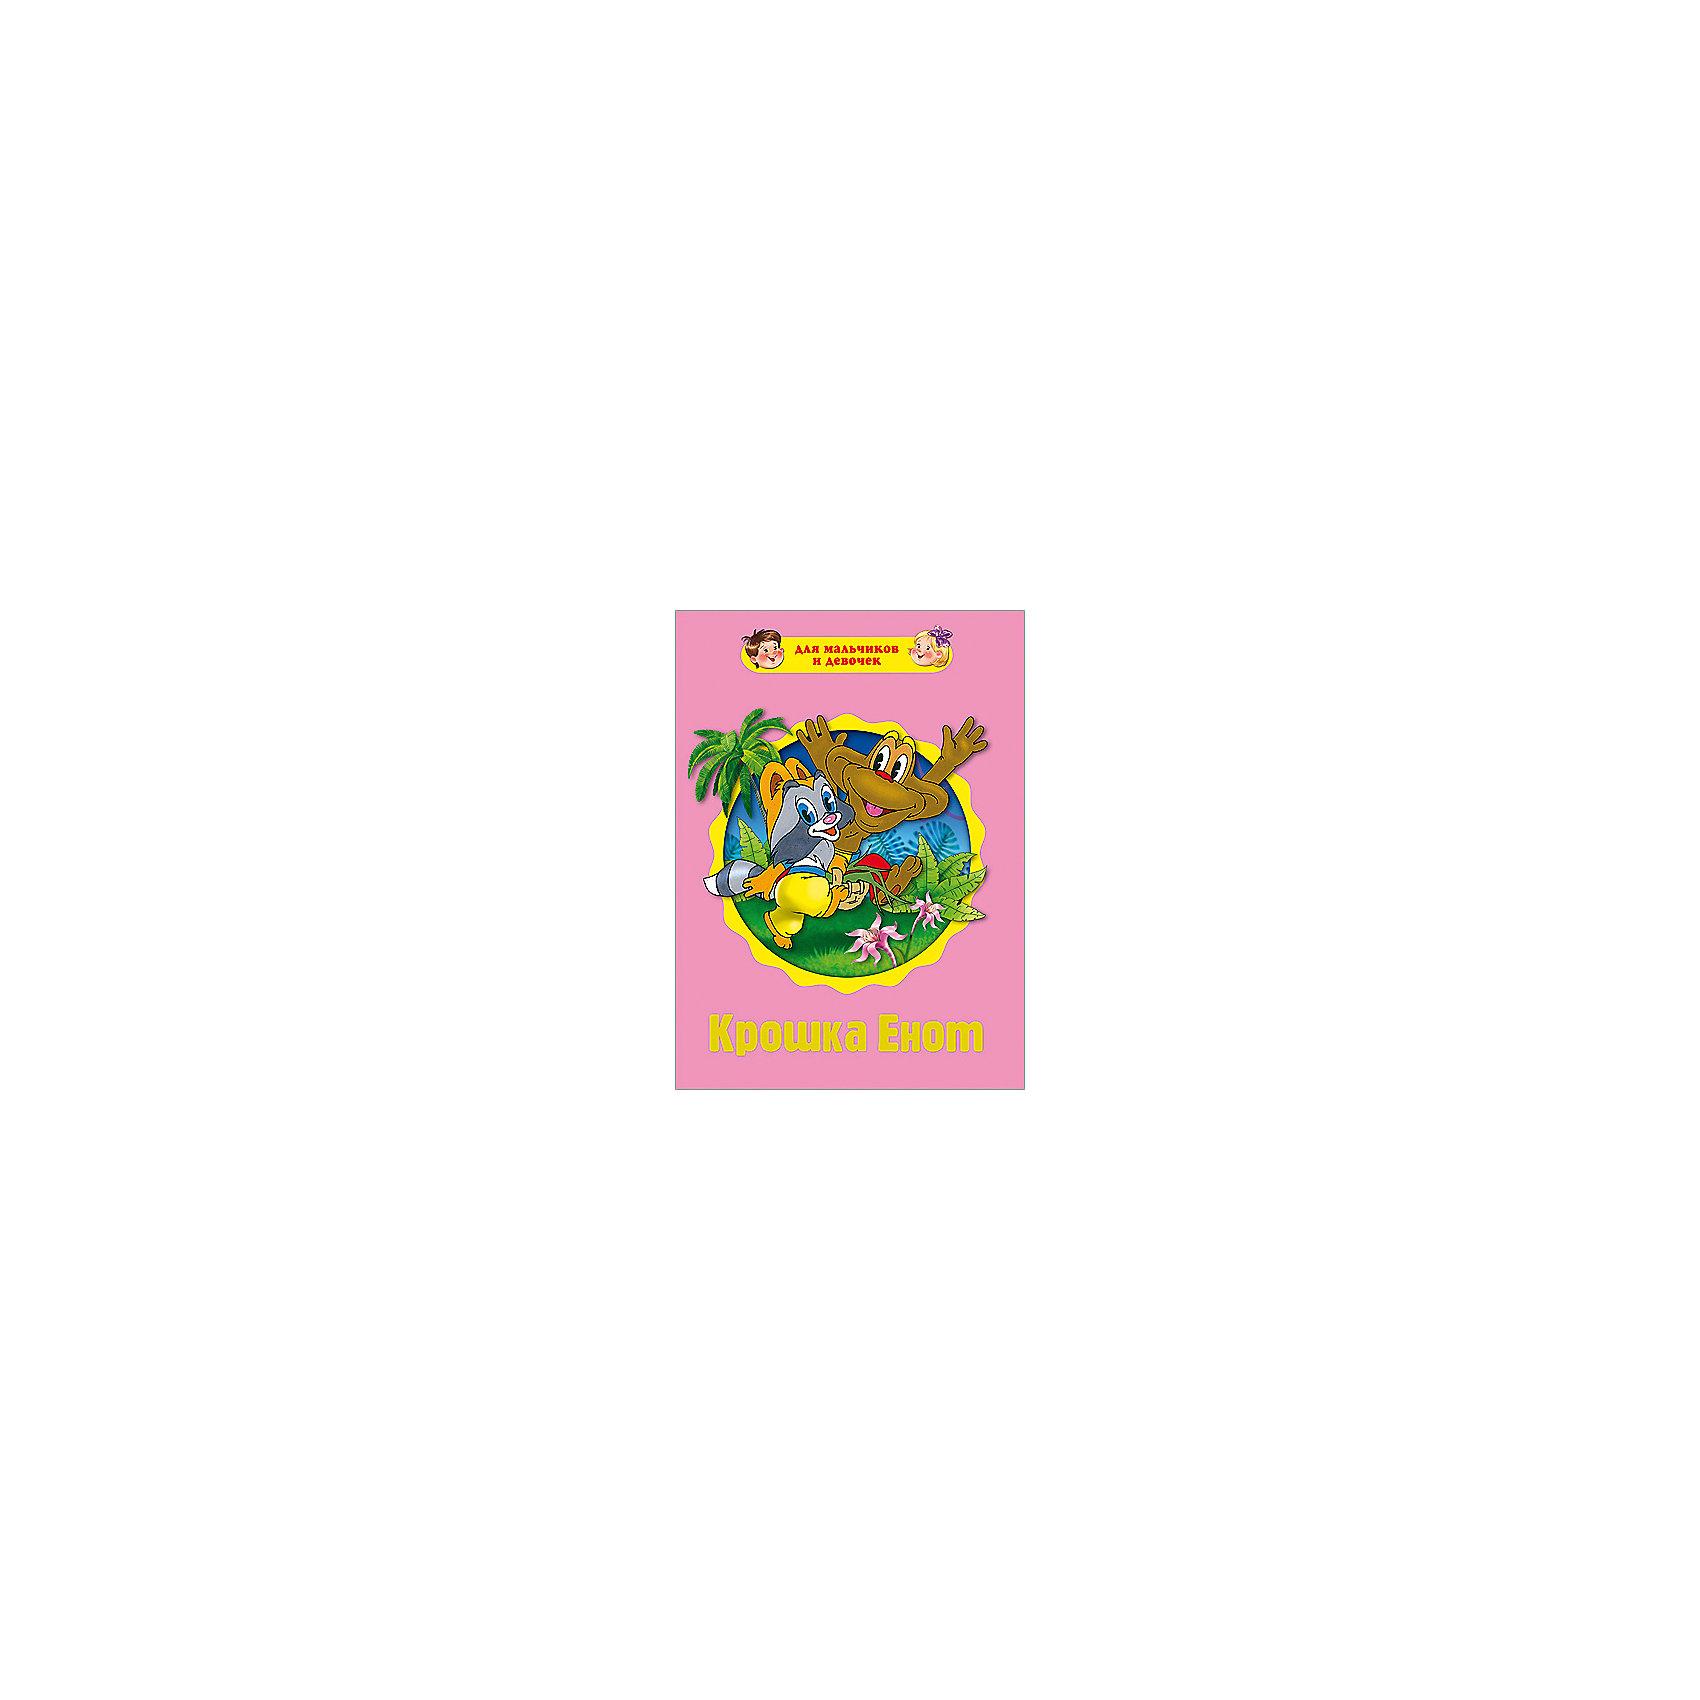 Для мальчиков и девочек. Крошка енотРусские сказки<br>Крошка енот - замечательная книга для маленьких читателей. Красивые иллюстрации, плотная обложка и удобный формат привлекут внимание ребенка, и он с удовольствием будет слушать интересные сказки, перелистывая странички самостоятельно. Подарите ребенку радость чтения!<br>Дополнительная информация:<br>Издательство: Проф-Пресс<br>Год выпуска: 2016<br>Серия: Книжки на картоне Для мальчиков и девочек<br>Обложка: твердый переплет<br>Иллюстрации: цветные<br>Количество страниц: 10<br>ISBN:978-5-378-21210-1<br>Размер: 19х1,2х16,5 см<br>Вес: 285 грамм<br>Книгу Крошка енот можно приобрести в нашем интернет-магазине.<br><br>Ширина мм: 165<br>Глубина мм: 12<br>Высота мм: 190<br>Вес г: 285<br>Возраст от месяцев: 0<br>Возраст до месяцев: 36<br>Пол: Унисекс<br>Возраст: Детский<br>SKU: 4905900